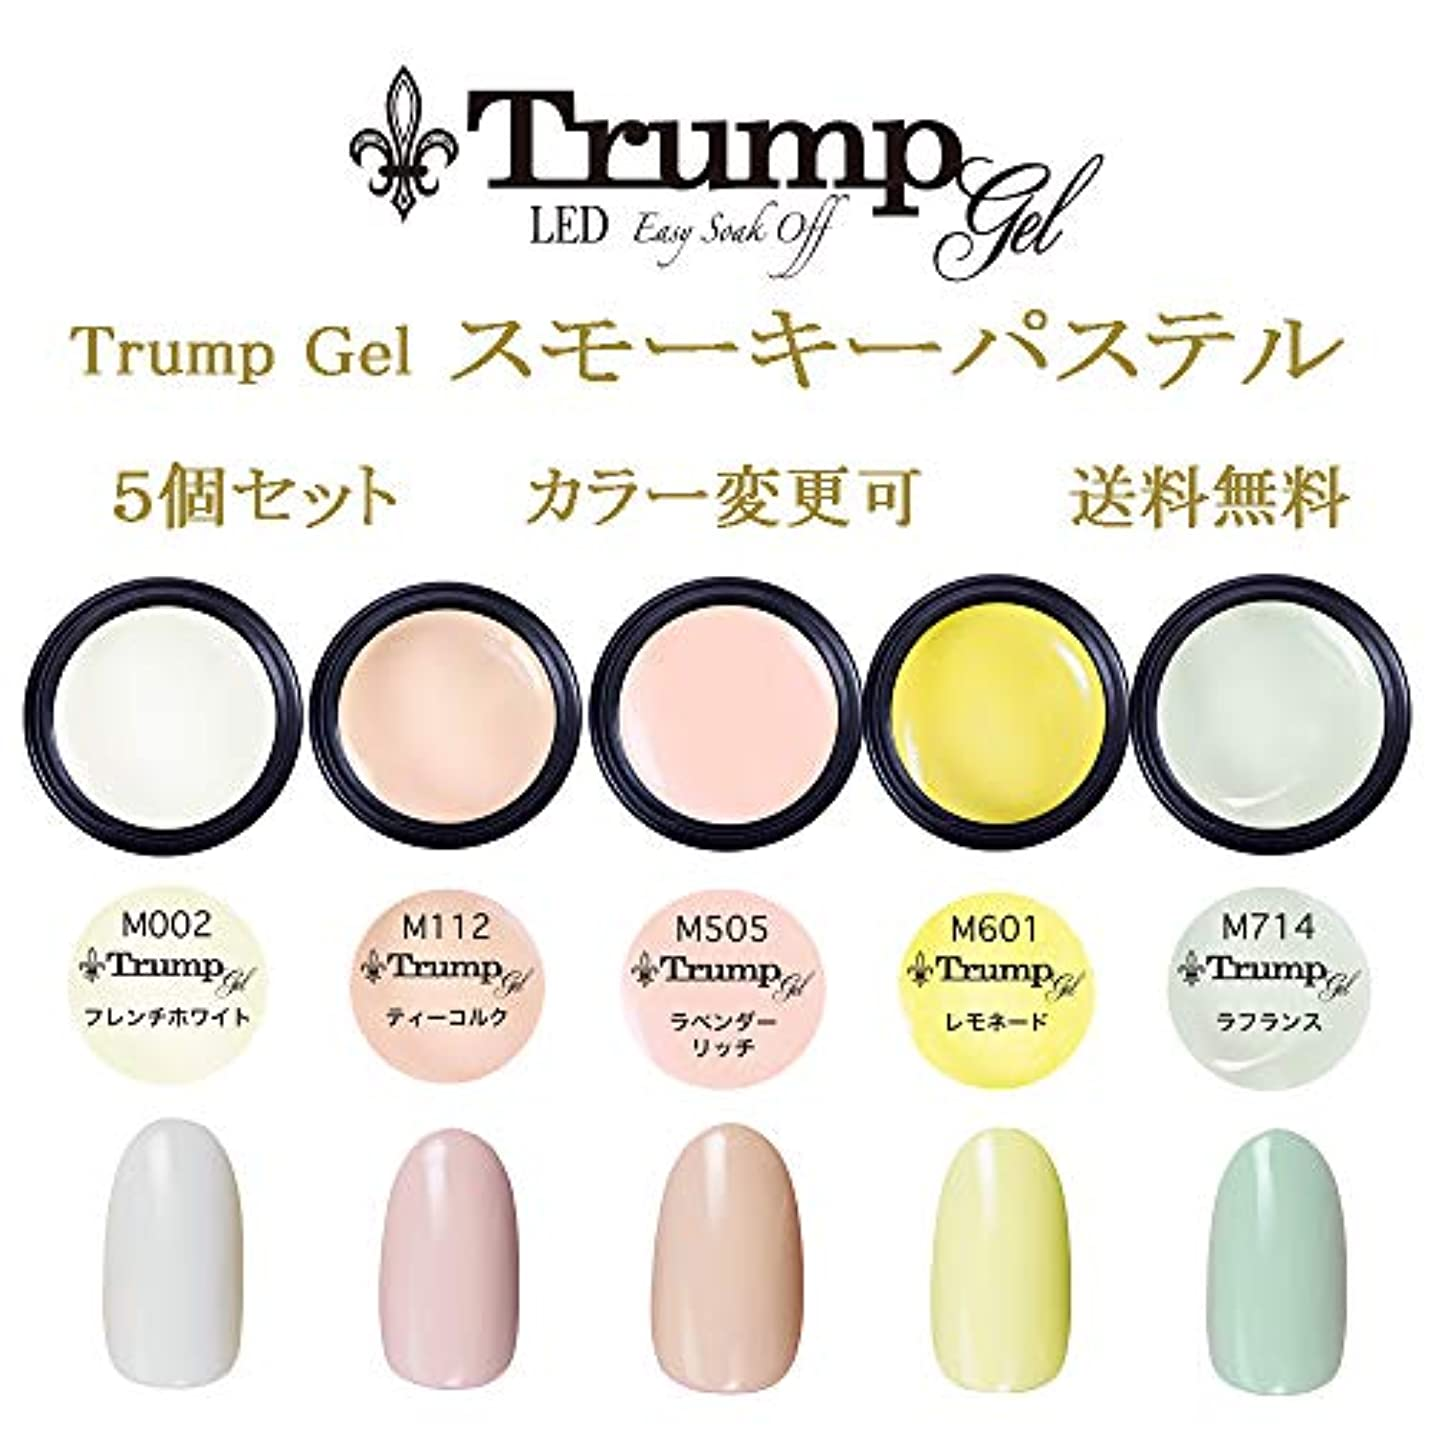 前部手書きそのような日本製 Trump gel トランプジェル スモーキー パステルカラー 選べる カラージェル5個セット ホワイト ベージュ ピンク イエロー グリーン